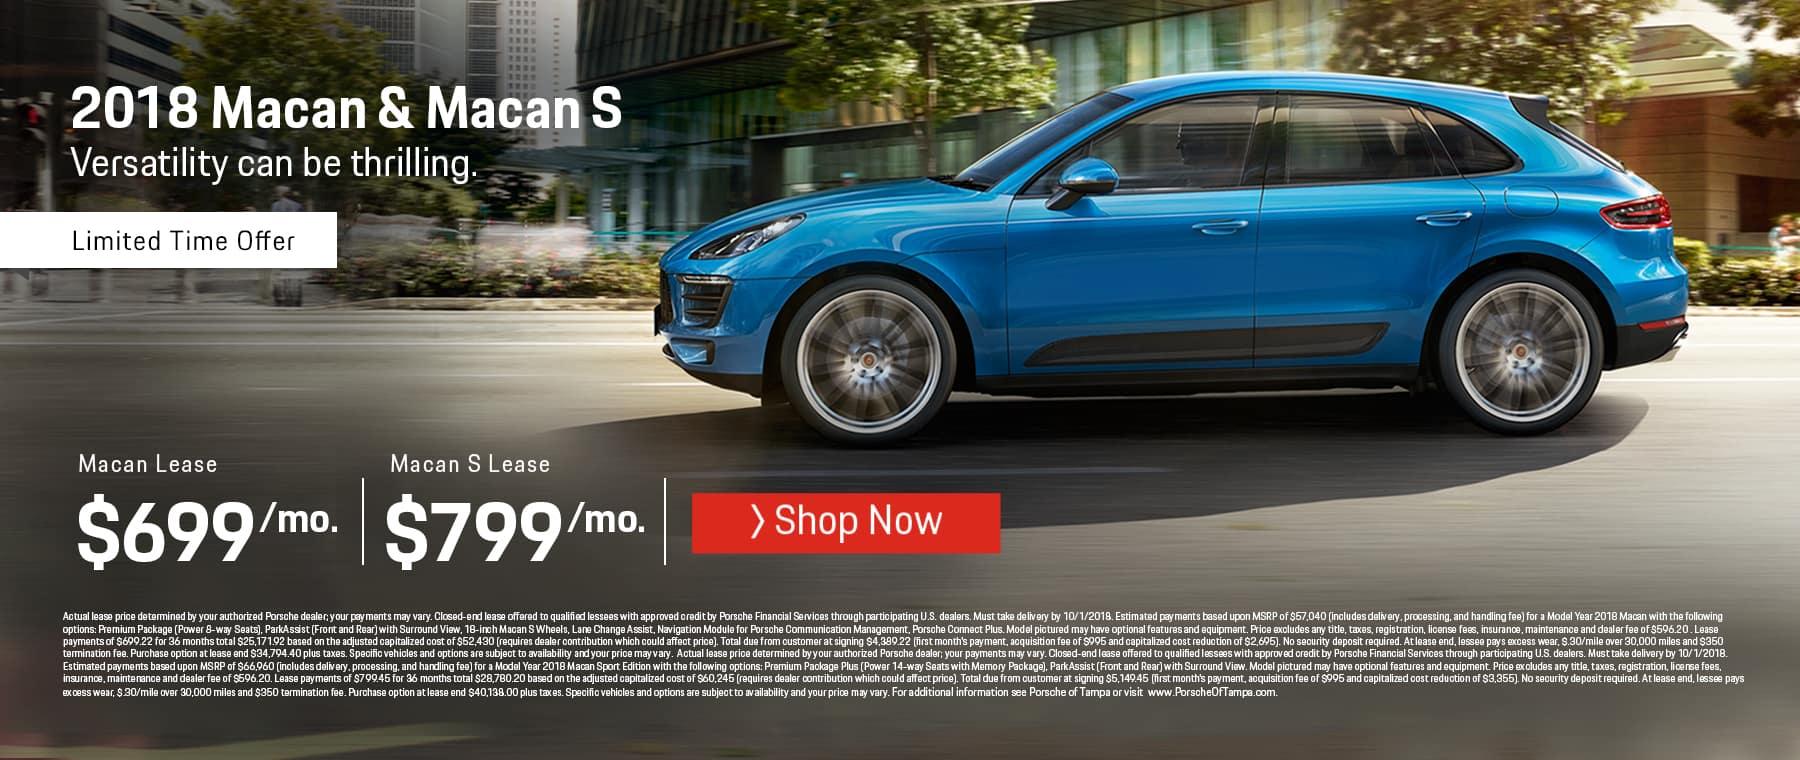 Porsche Macan Lease Offer